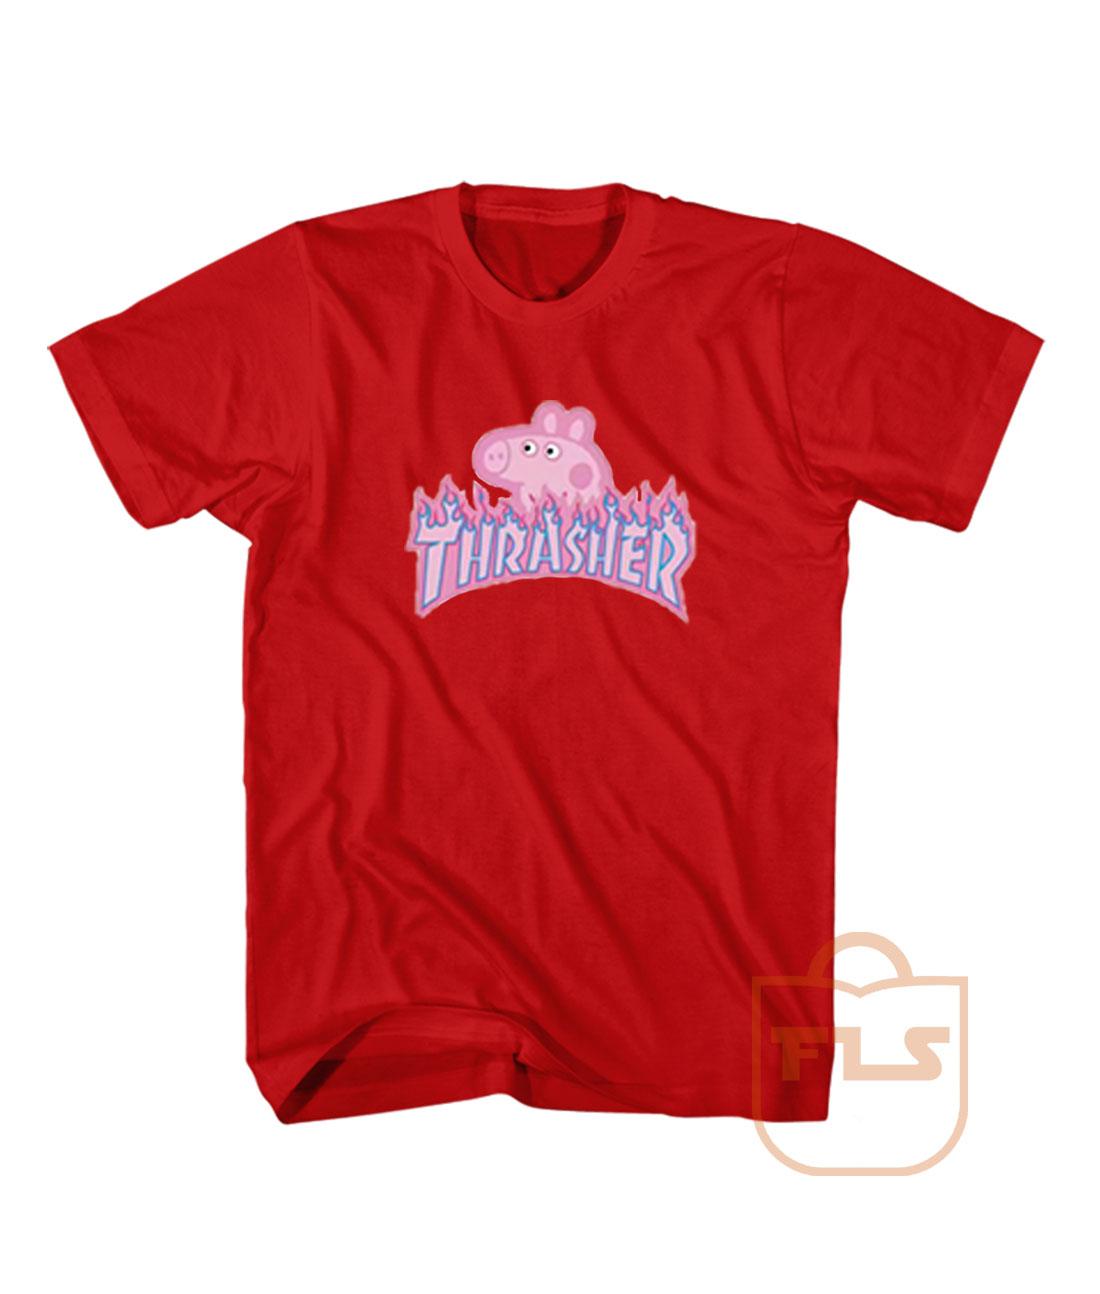 a9cc403437dc Peppa Pig Thrasher T Shirt - Ferolos.com